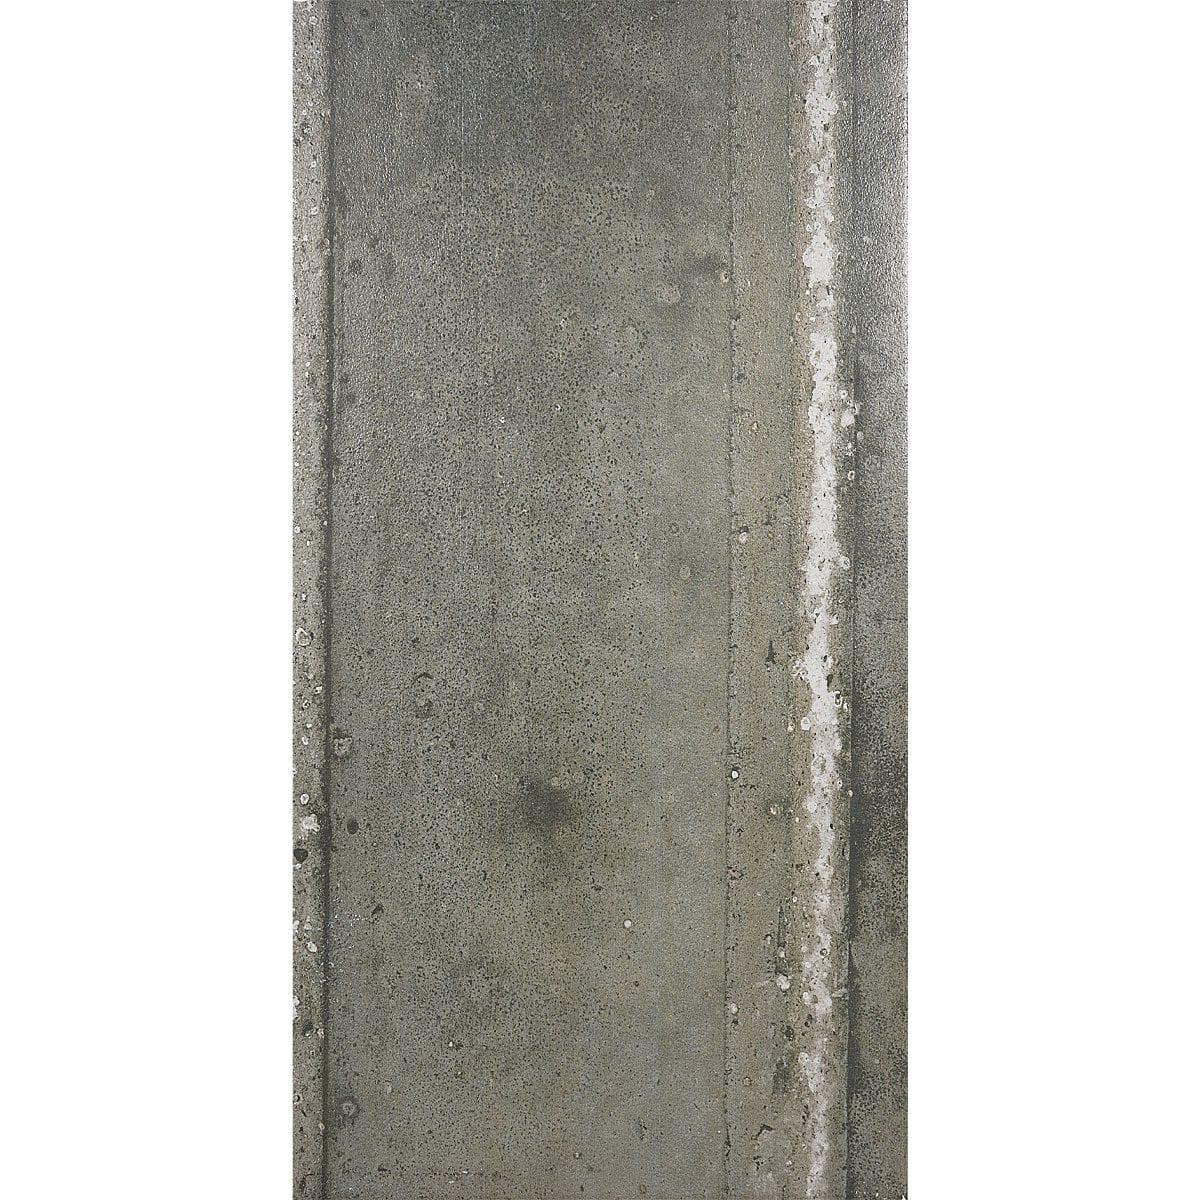 GENOVA GRAFFITI T10412 P1